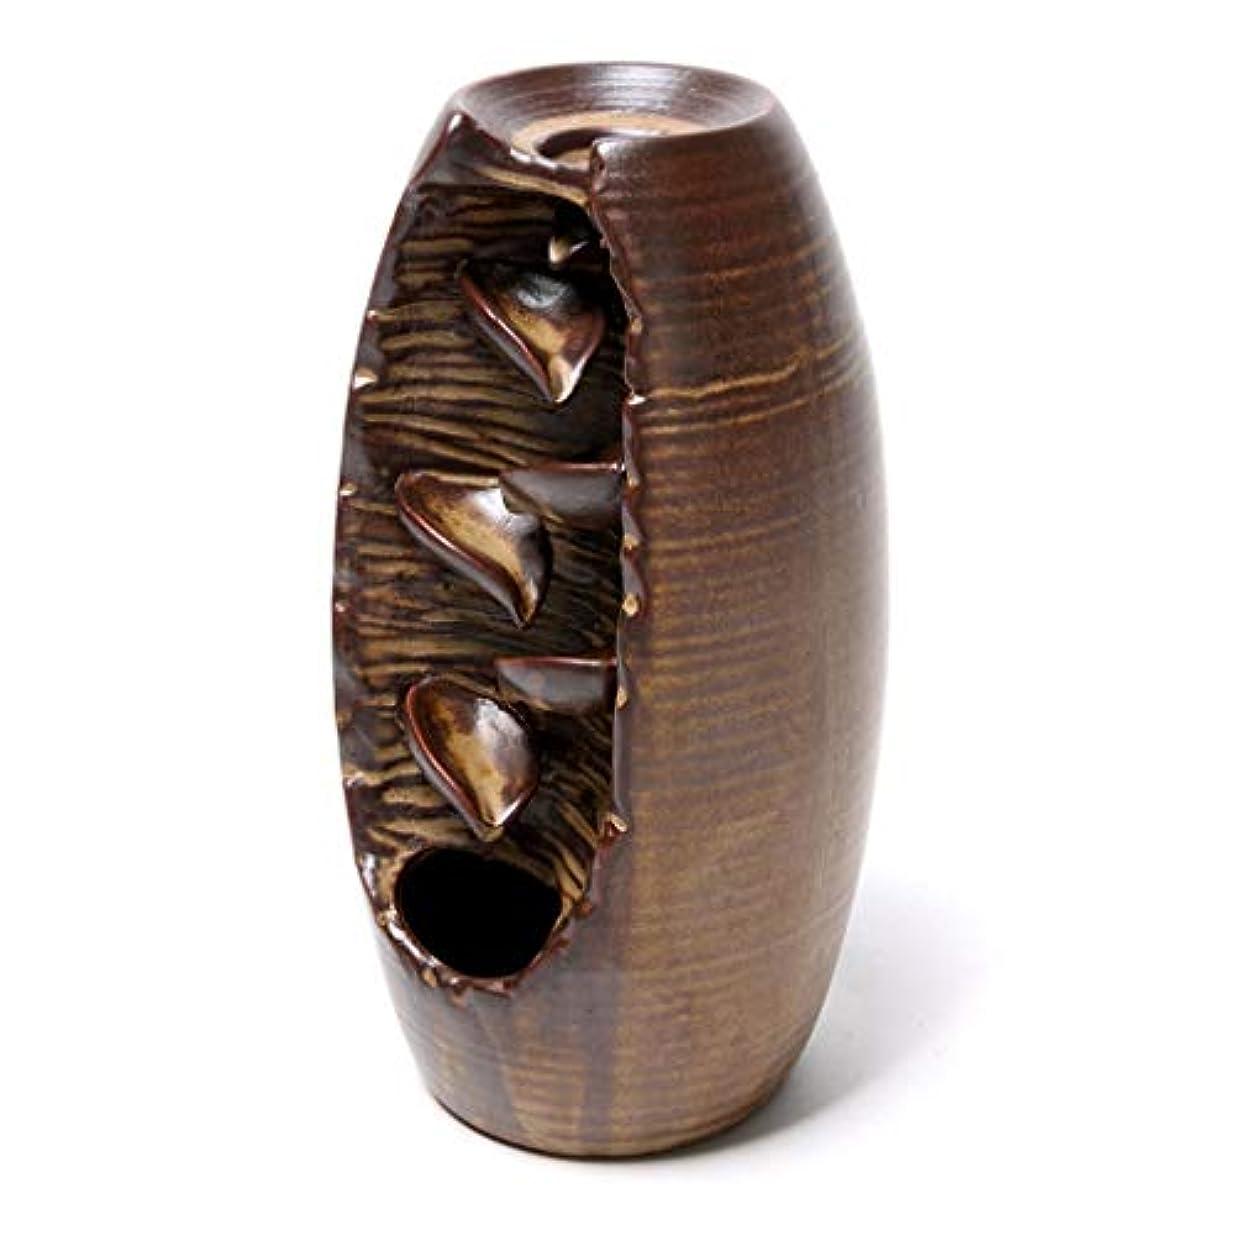 納得させるライターインストールセラミック逆流香炉逆流香ホルダーホームセラミックオフィス香コーンホルダーバーナーアロマセラピー炉 (Color : Brown, サイズ : 3.54*8.07 inches)